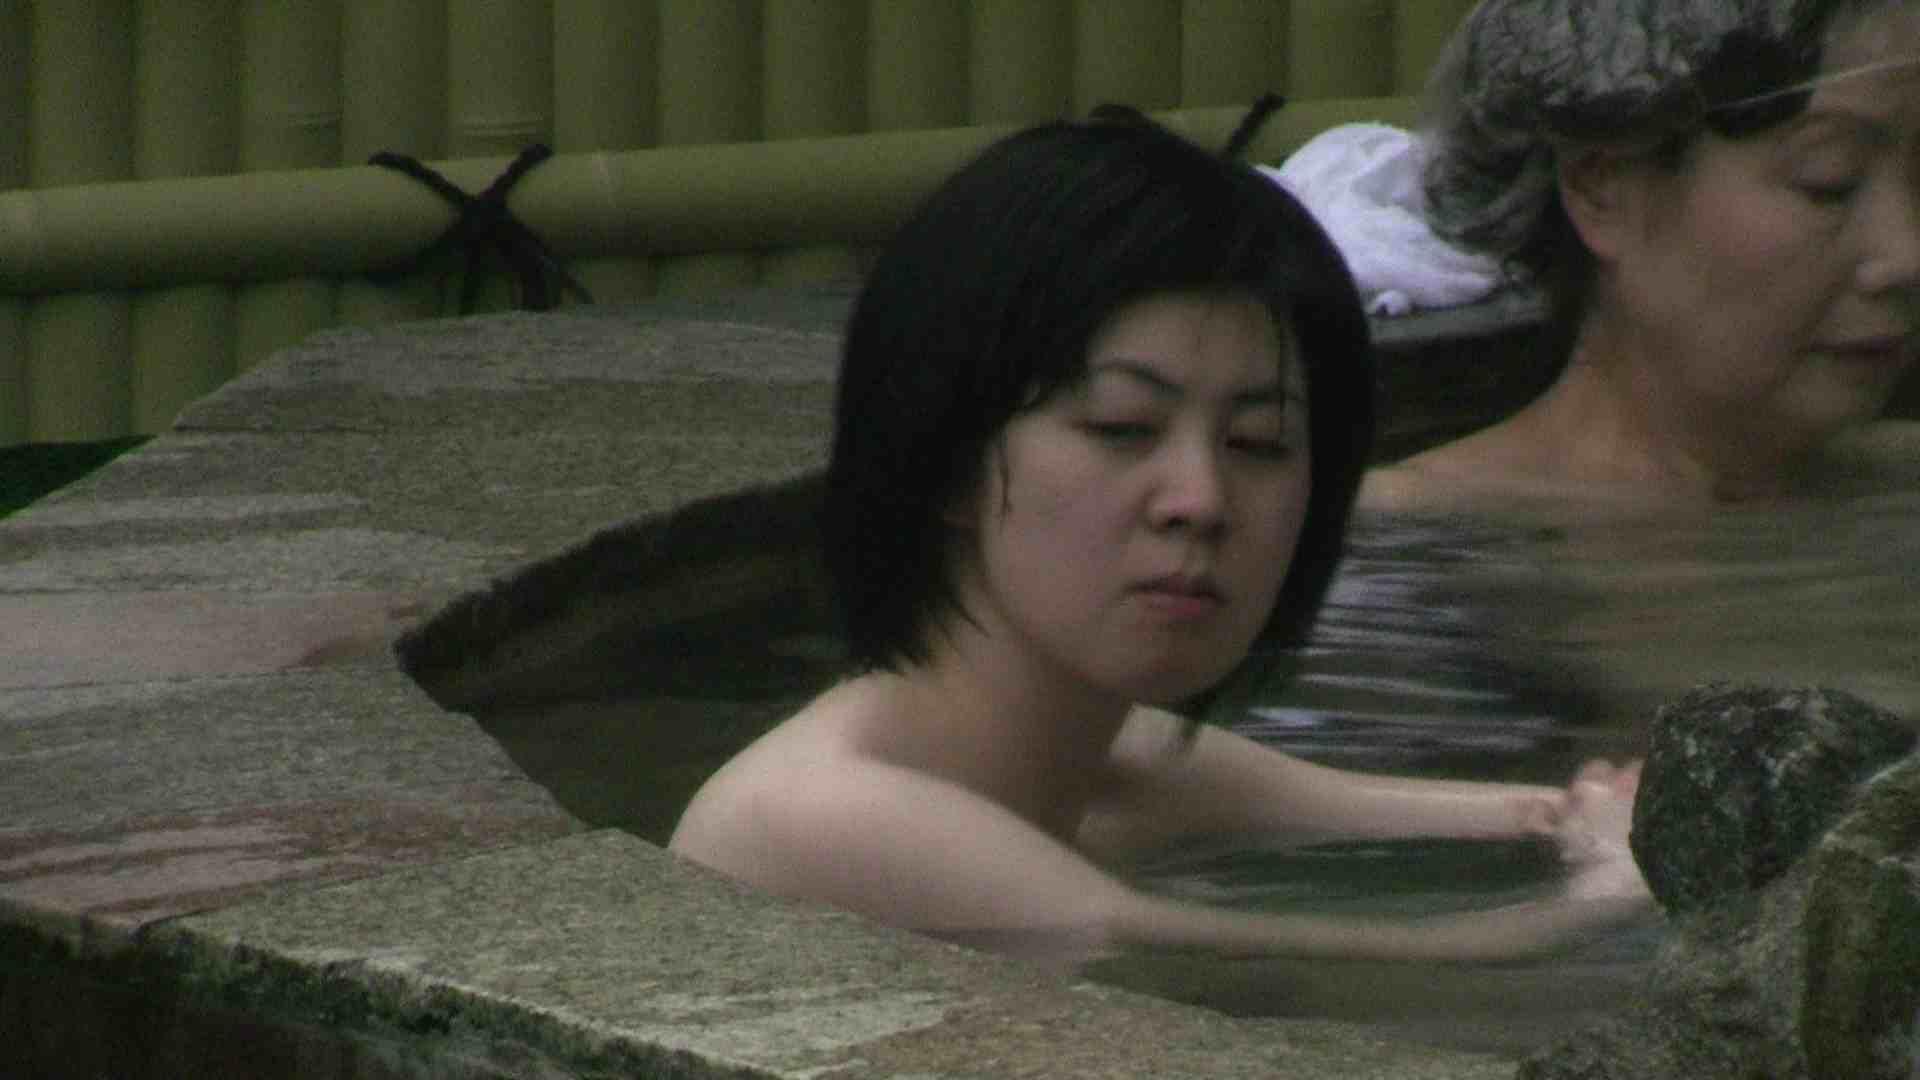 Aquaな露天風呂Vol.685 0   0  60pic 55